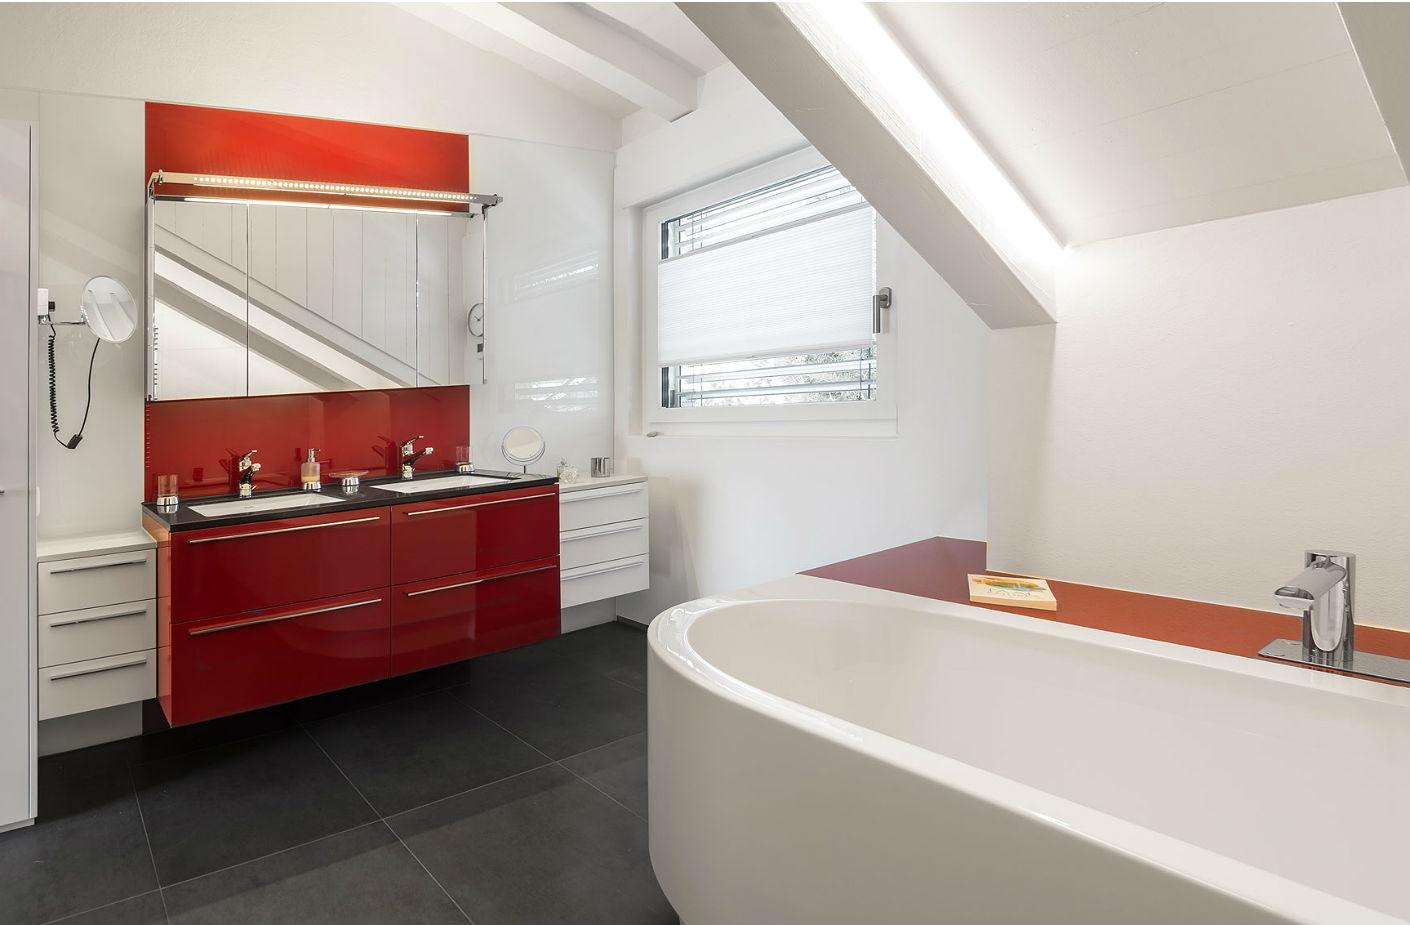 umbau badezimmer birkenweg m ller aarberg. Black Bedroom Furniture Sets. Home Design Ideas